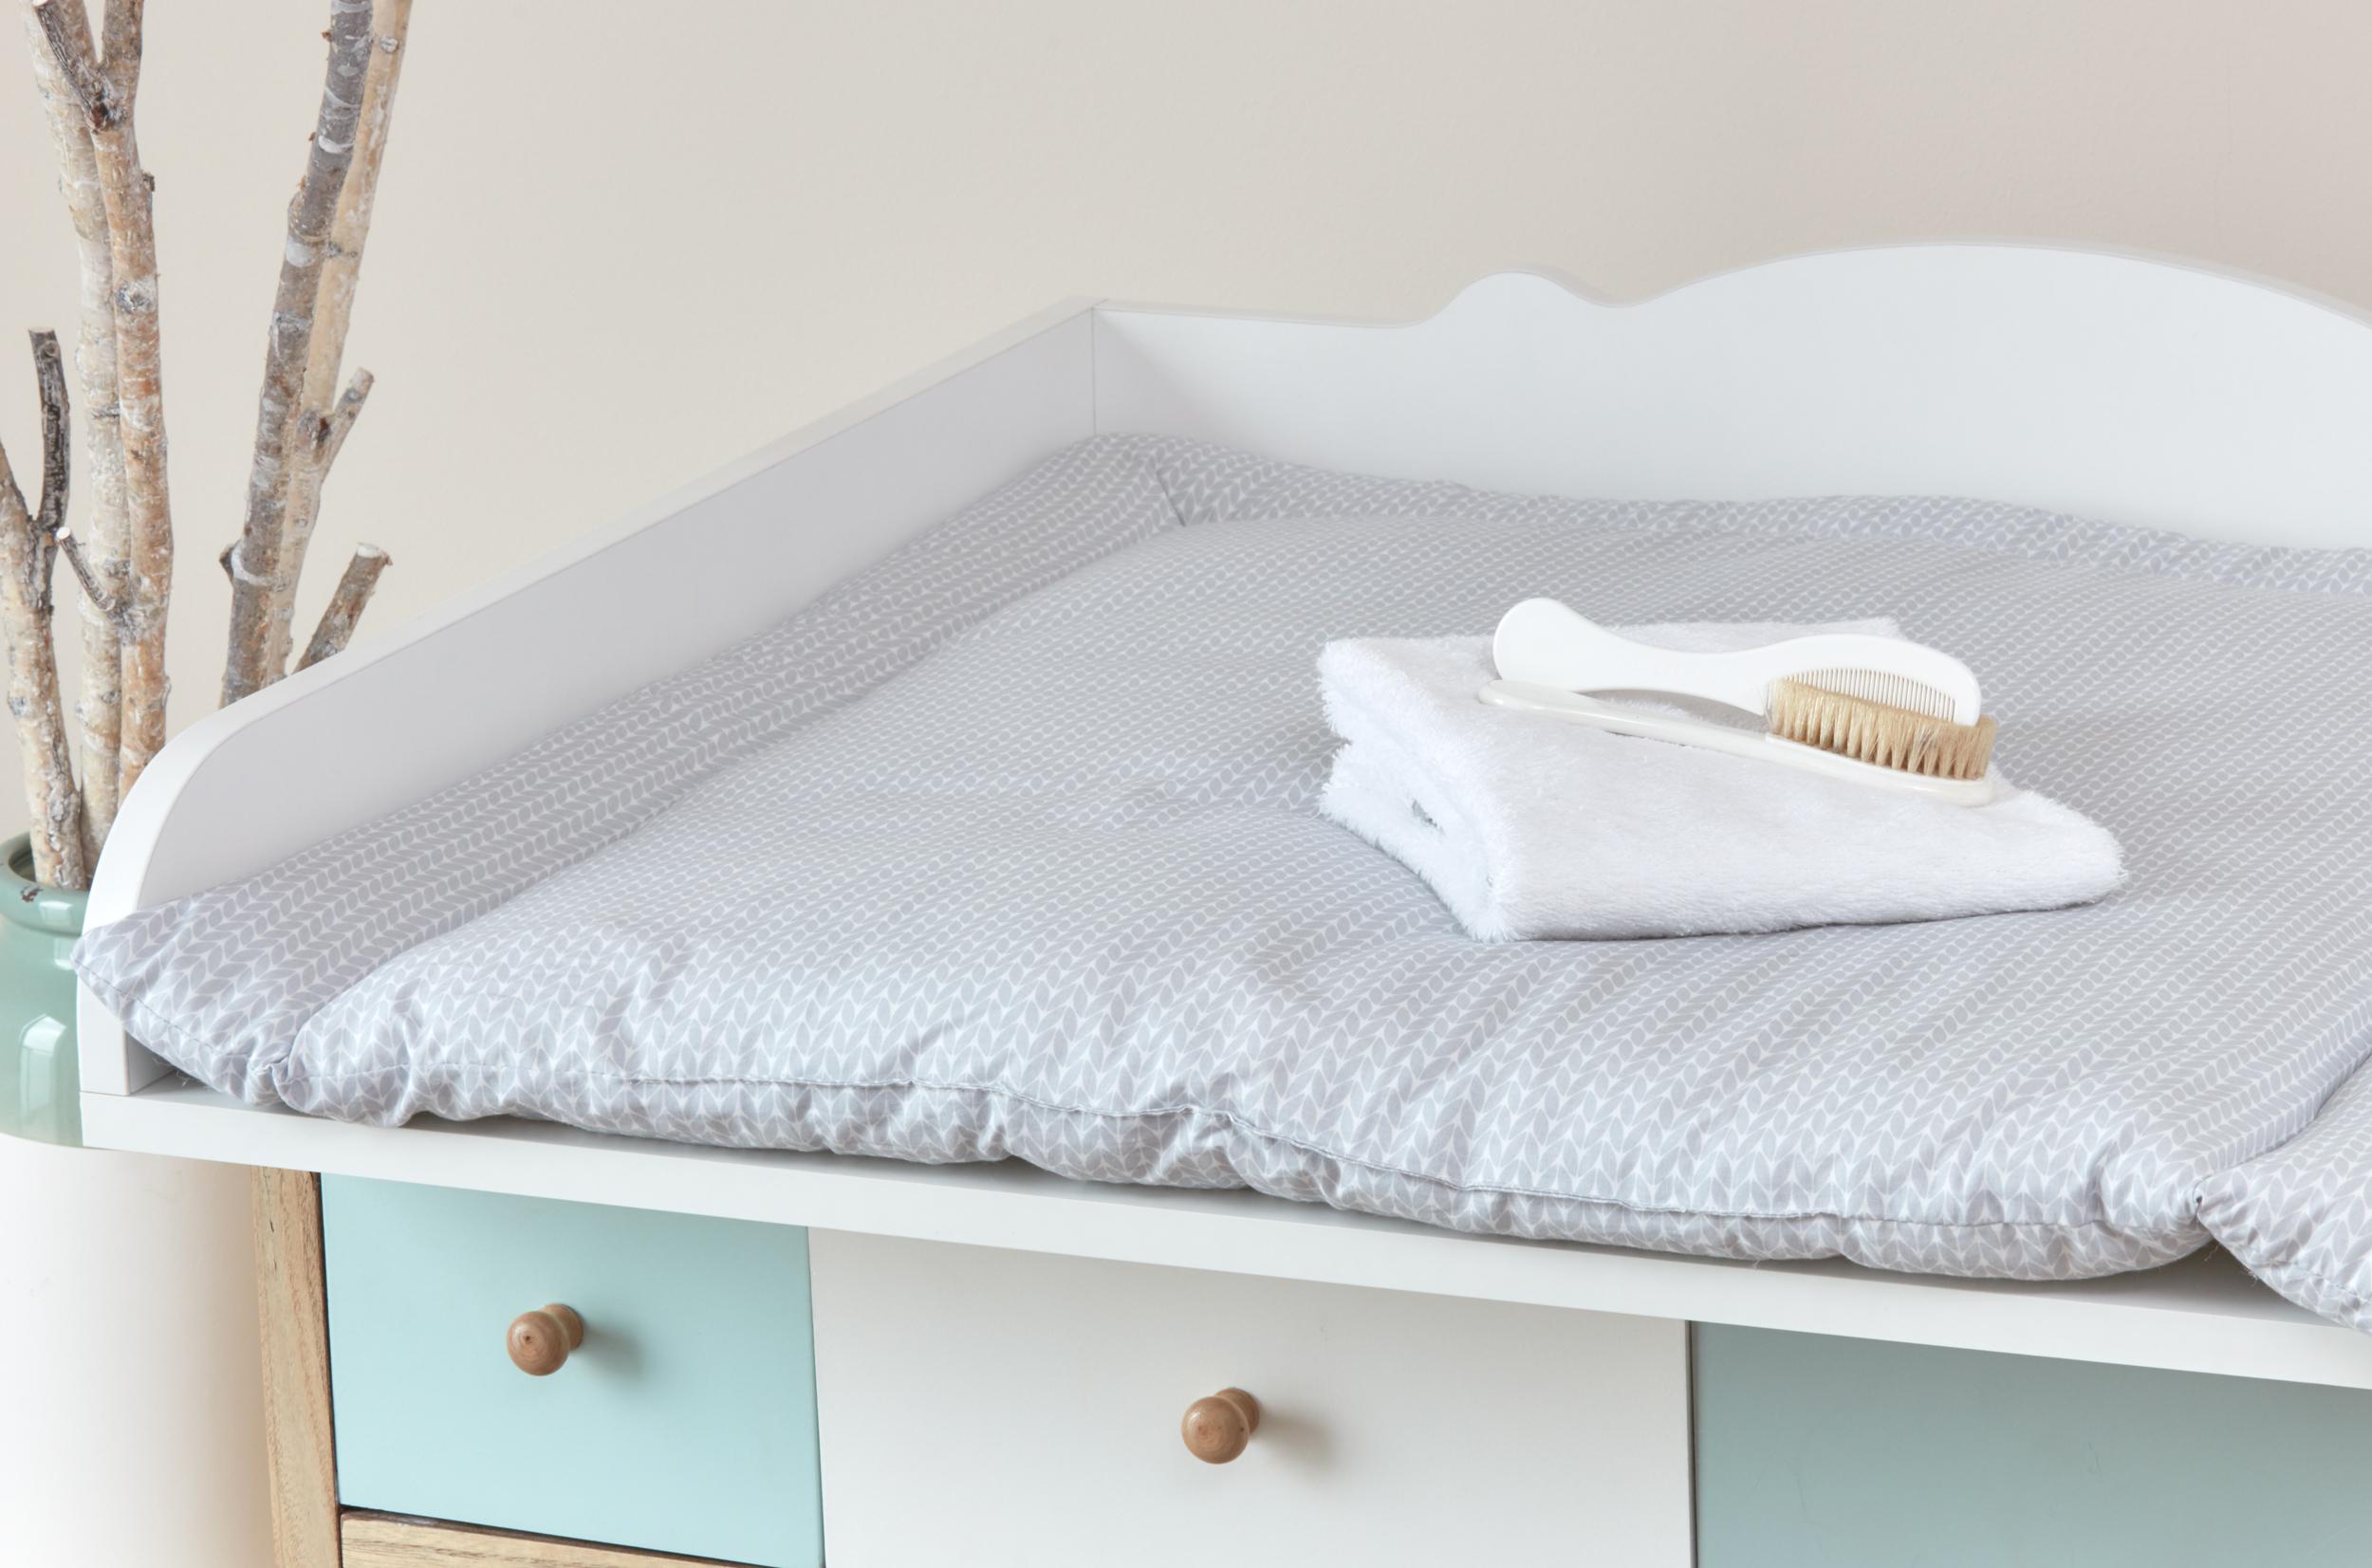 kraftkids wickelauflage kleine bl tter hellgrau auf wei breit 78 x tief 78 cm z b f r malm. Black Bedroom Furniture Sets. Home Design Ideas